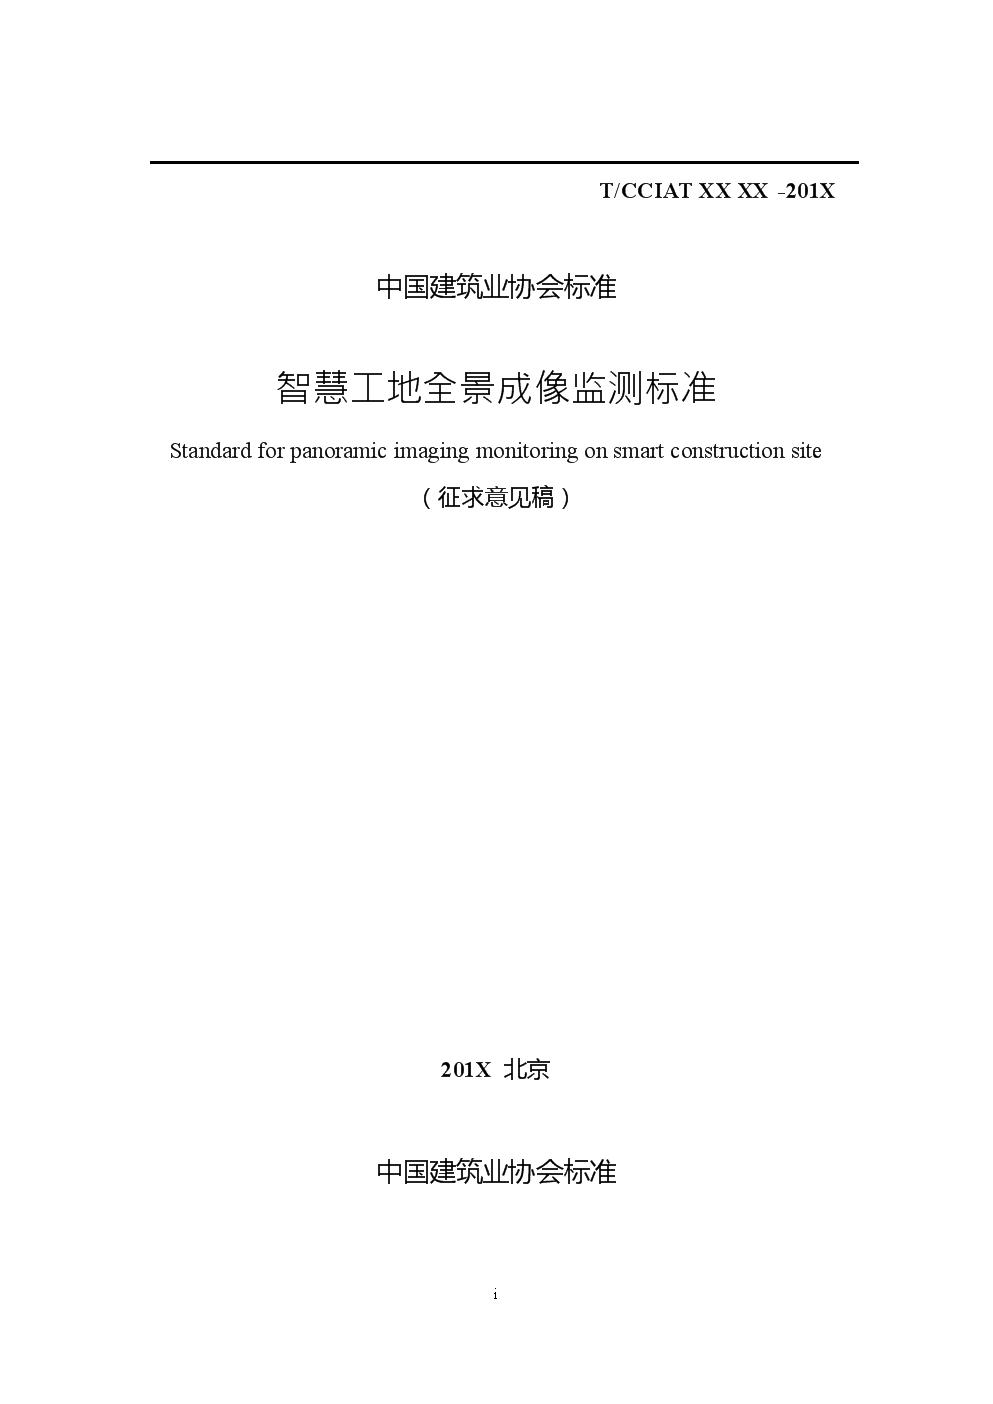 《智慧工地全景成像监测标准》(征求意见稿).docx